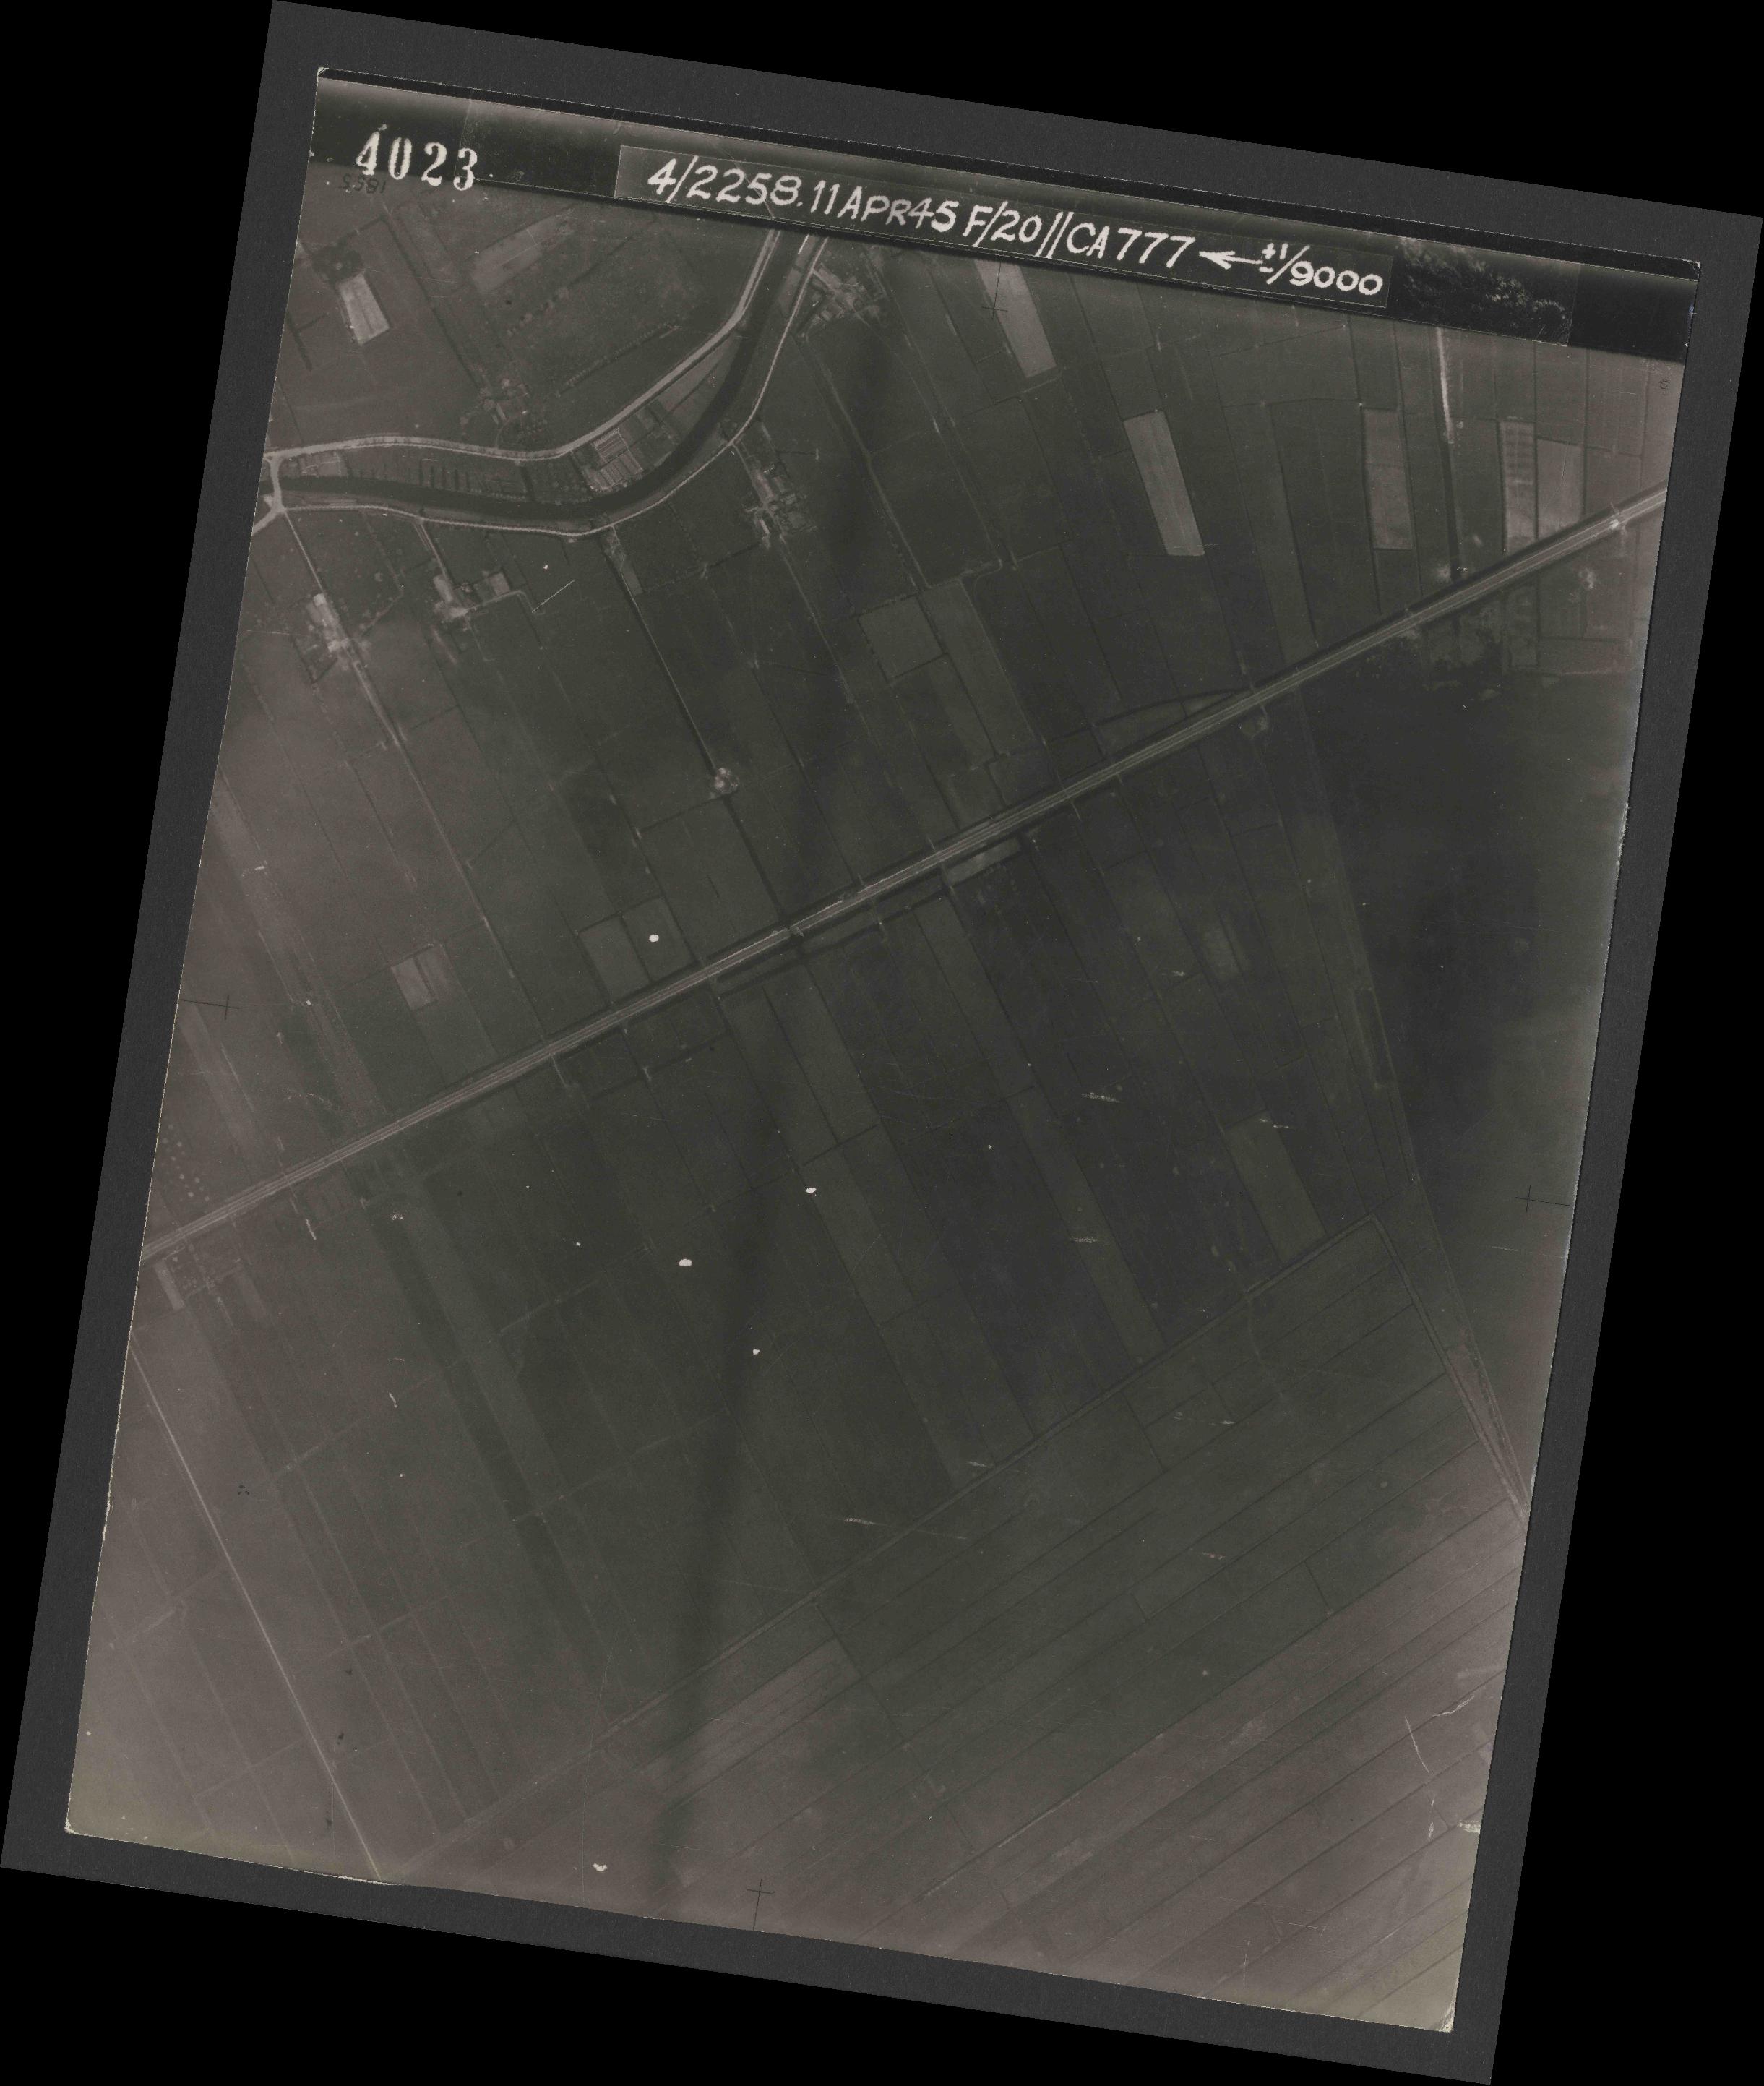 Collection RAF aerial photos 1940-1945 - flight 119, run 01, photo 4023